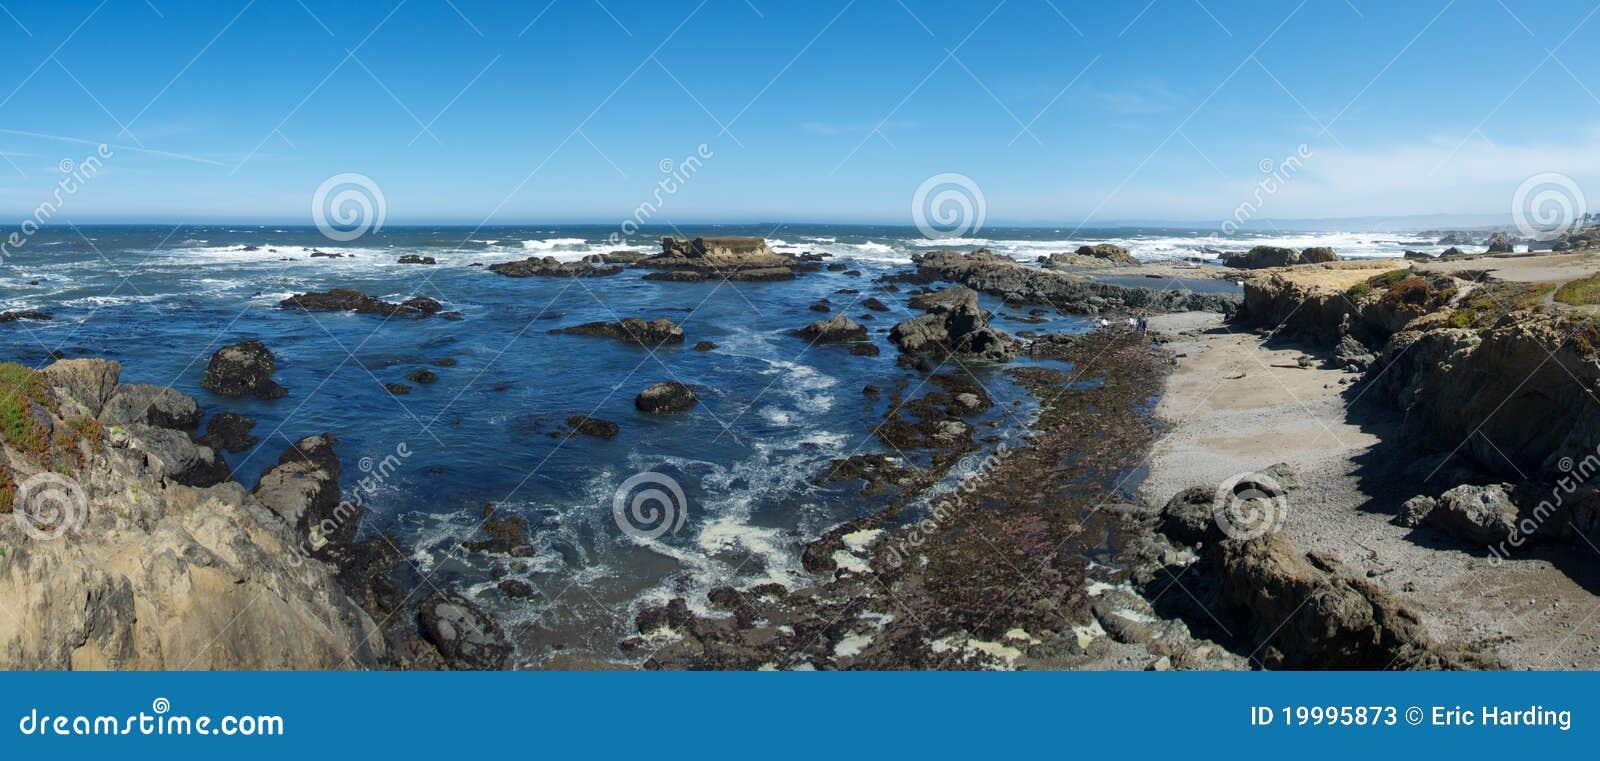 Plażowa szklana panorama